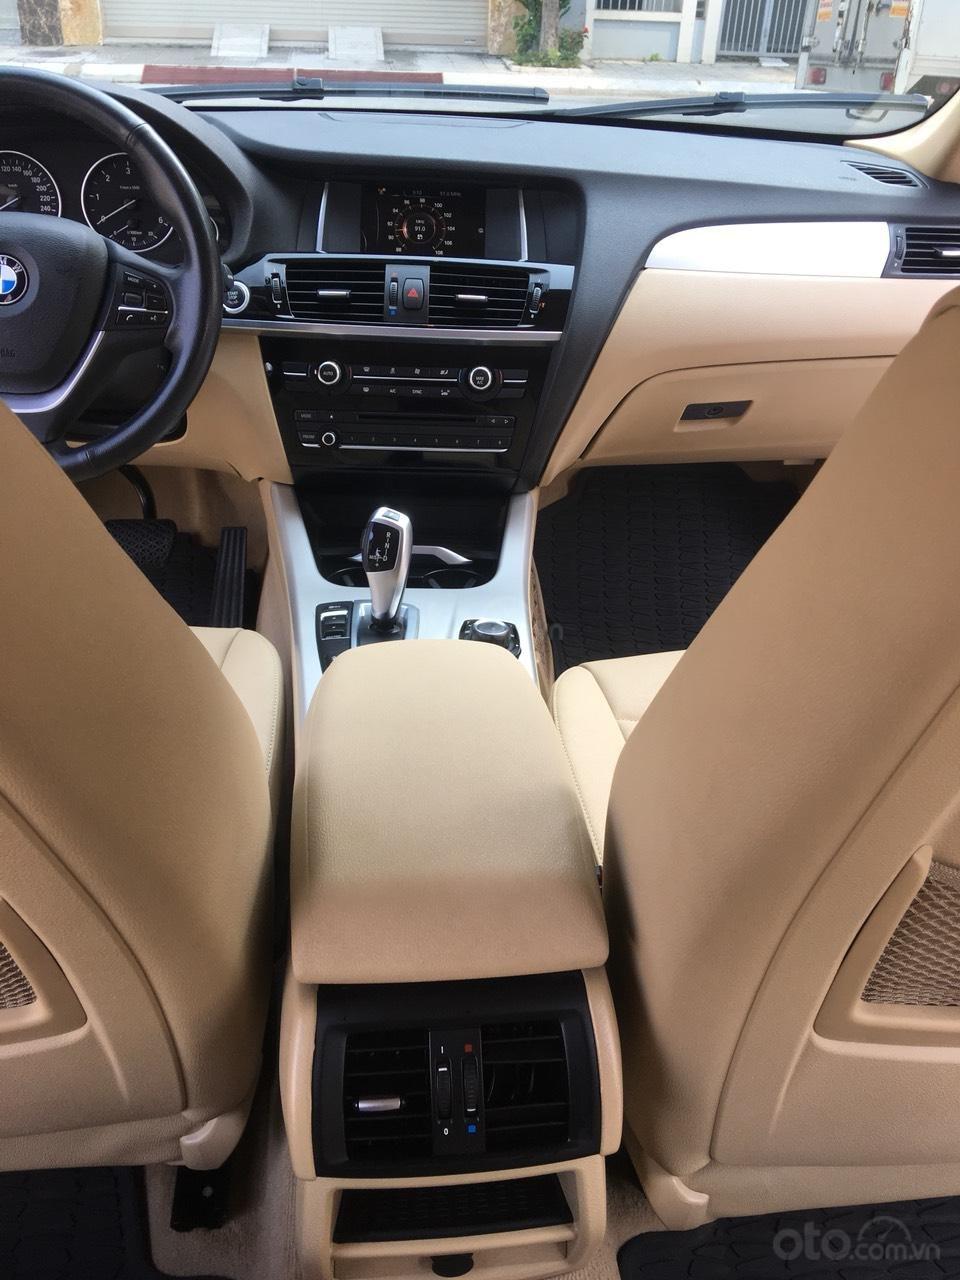 BMW X3 model 2015, máy dầu hàng độc (10)